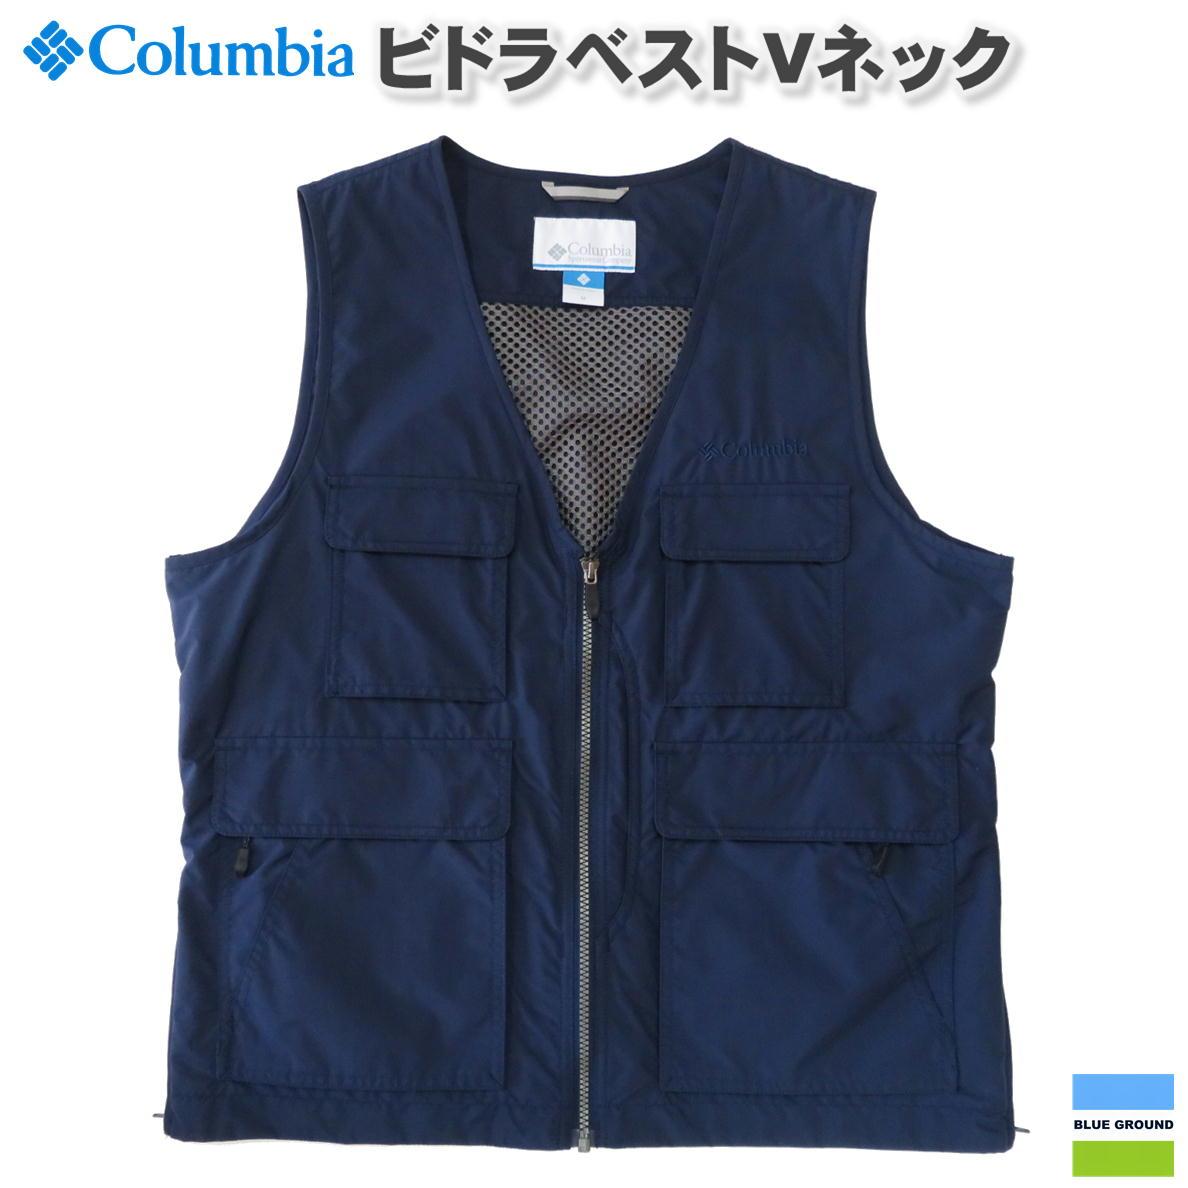 セール 送料無料 Columbia(コロンビア)/ビドラベストVネック